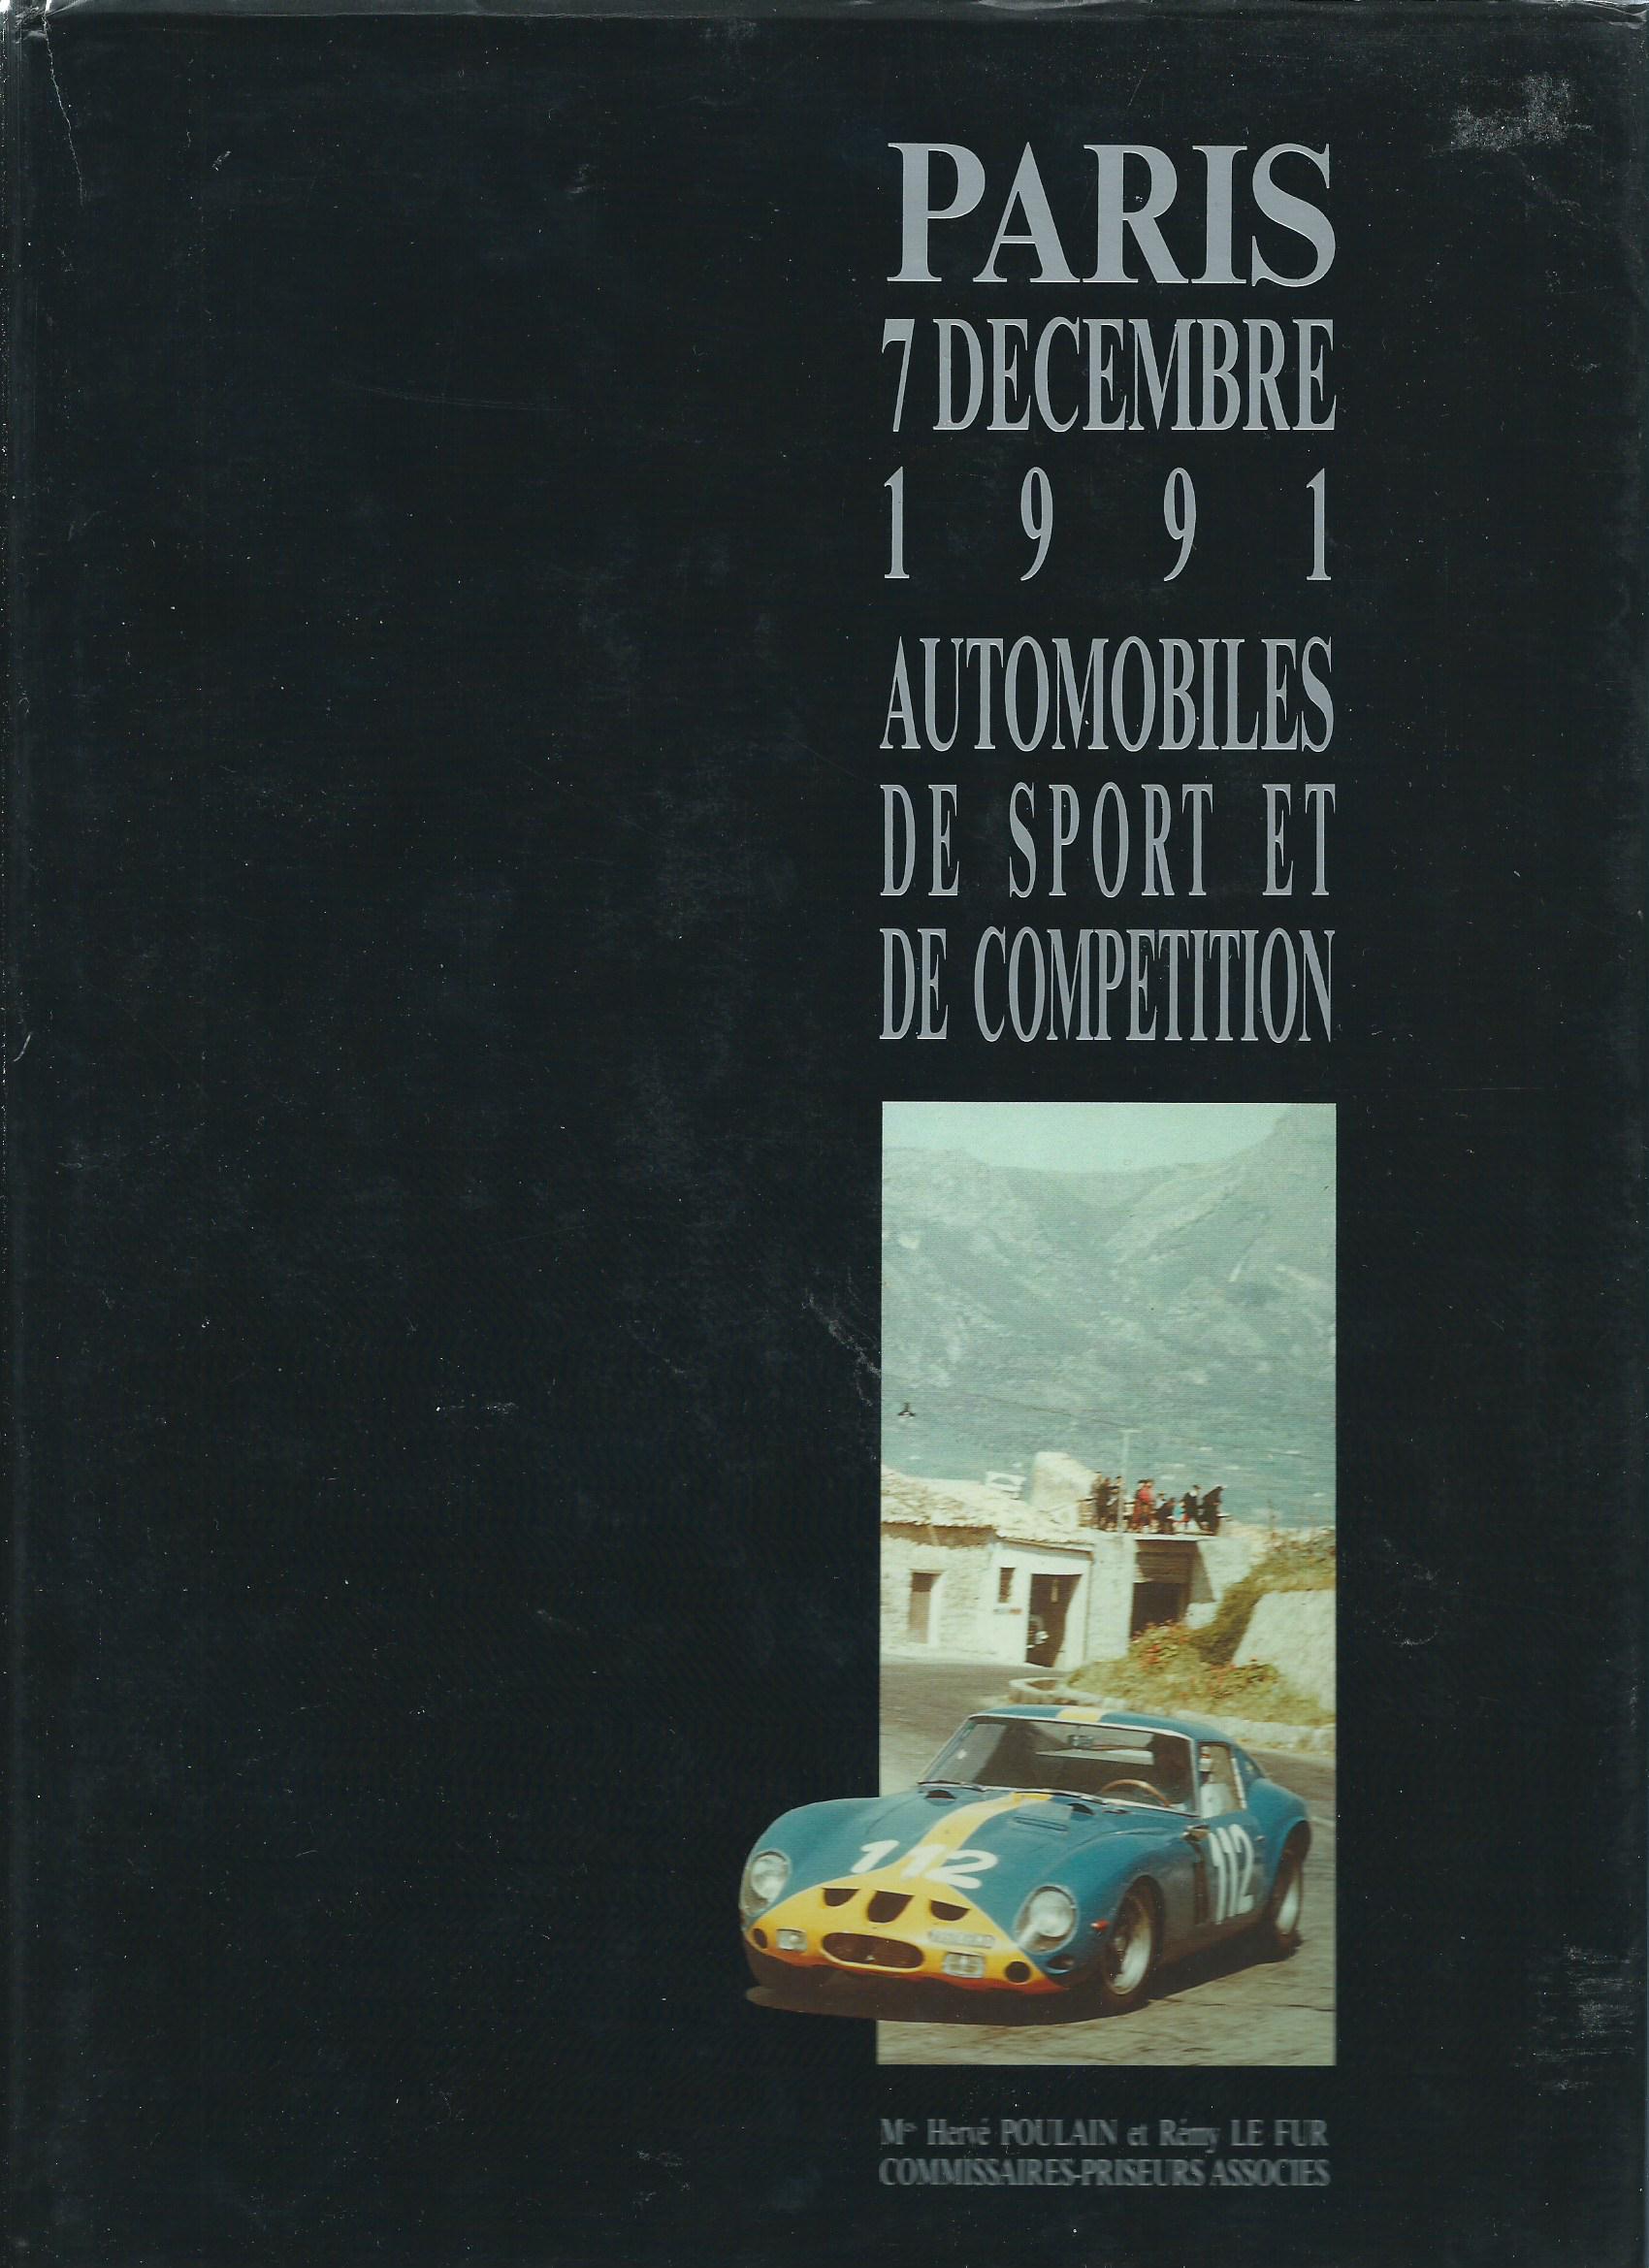 Automobiles de légende, de sport et de compétition